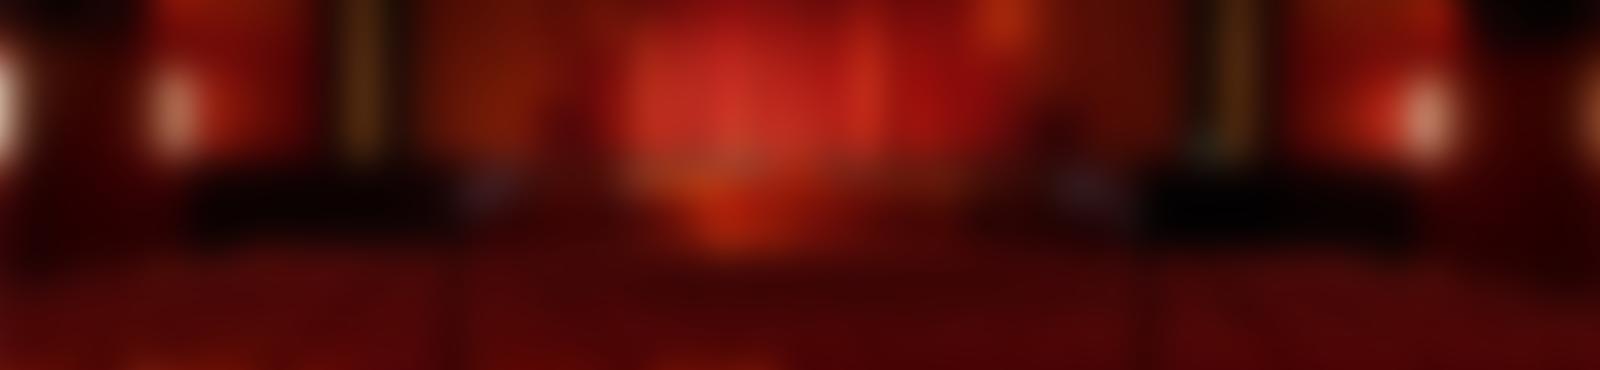 Blurred 5a52a0ea 16d2 45d4 8c65 1dcc6de669be